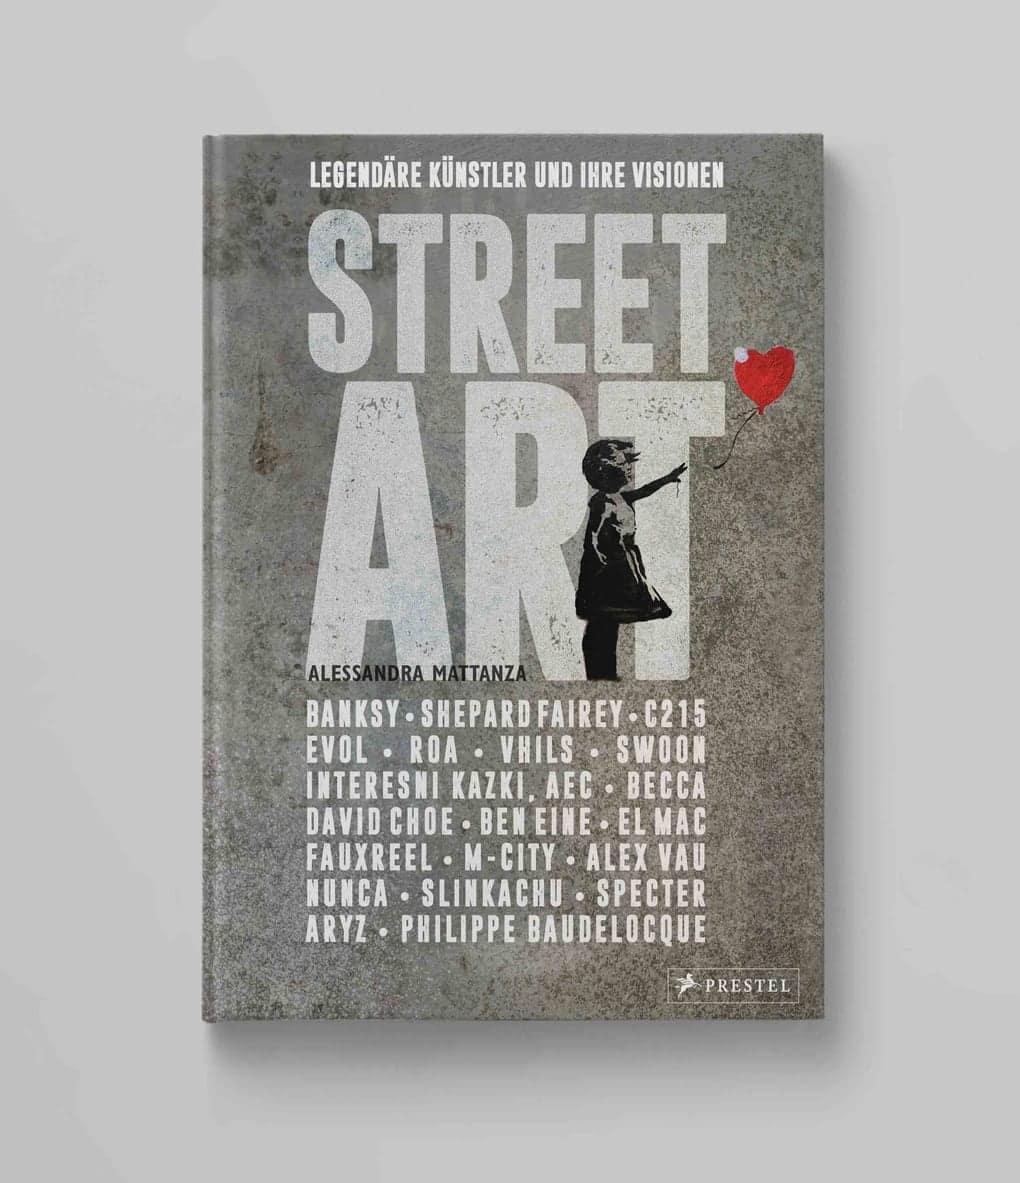 Street Art<br>Legendäre Künstler und ihre Visionen